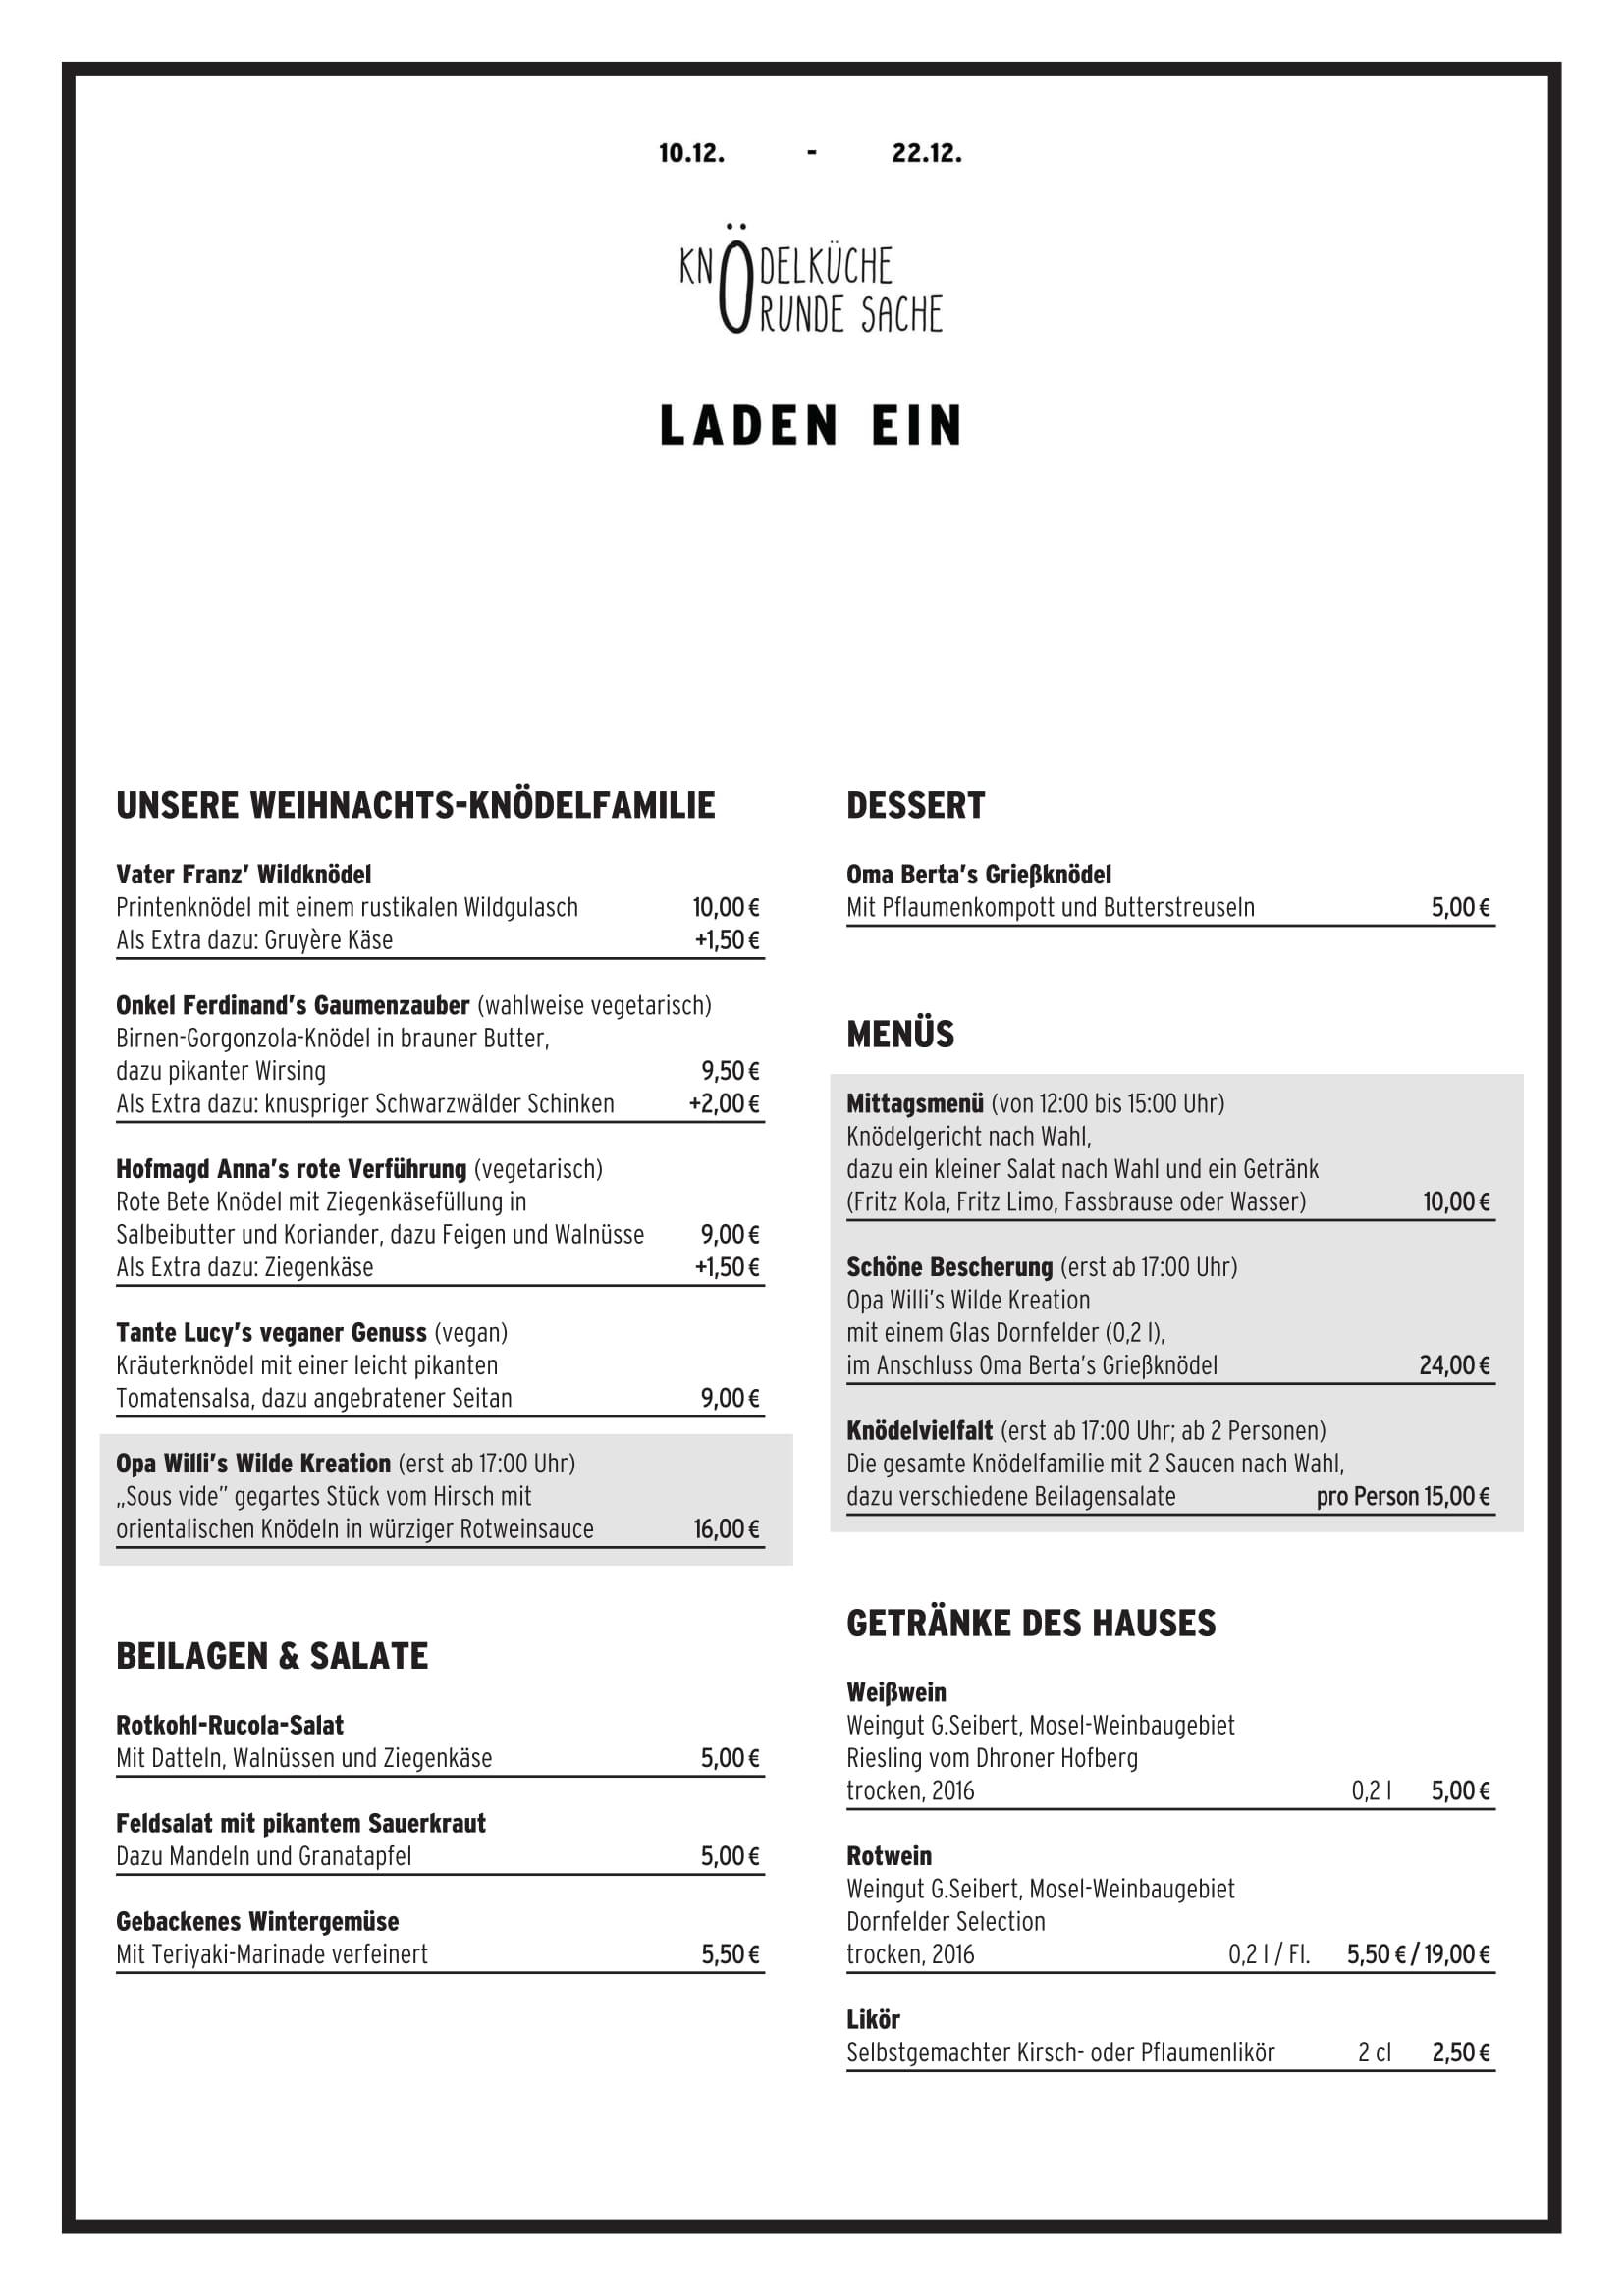 LadenEin Knödelküche Speisekarte.jpg